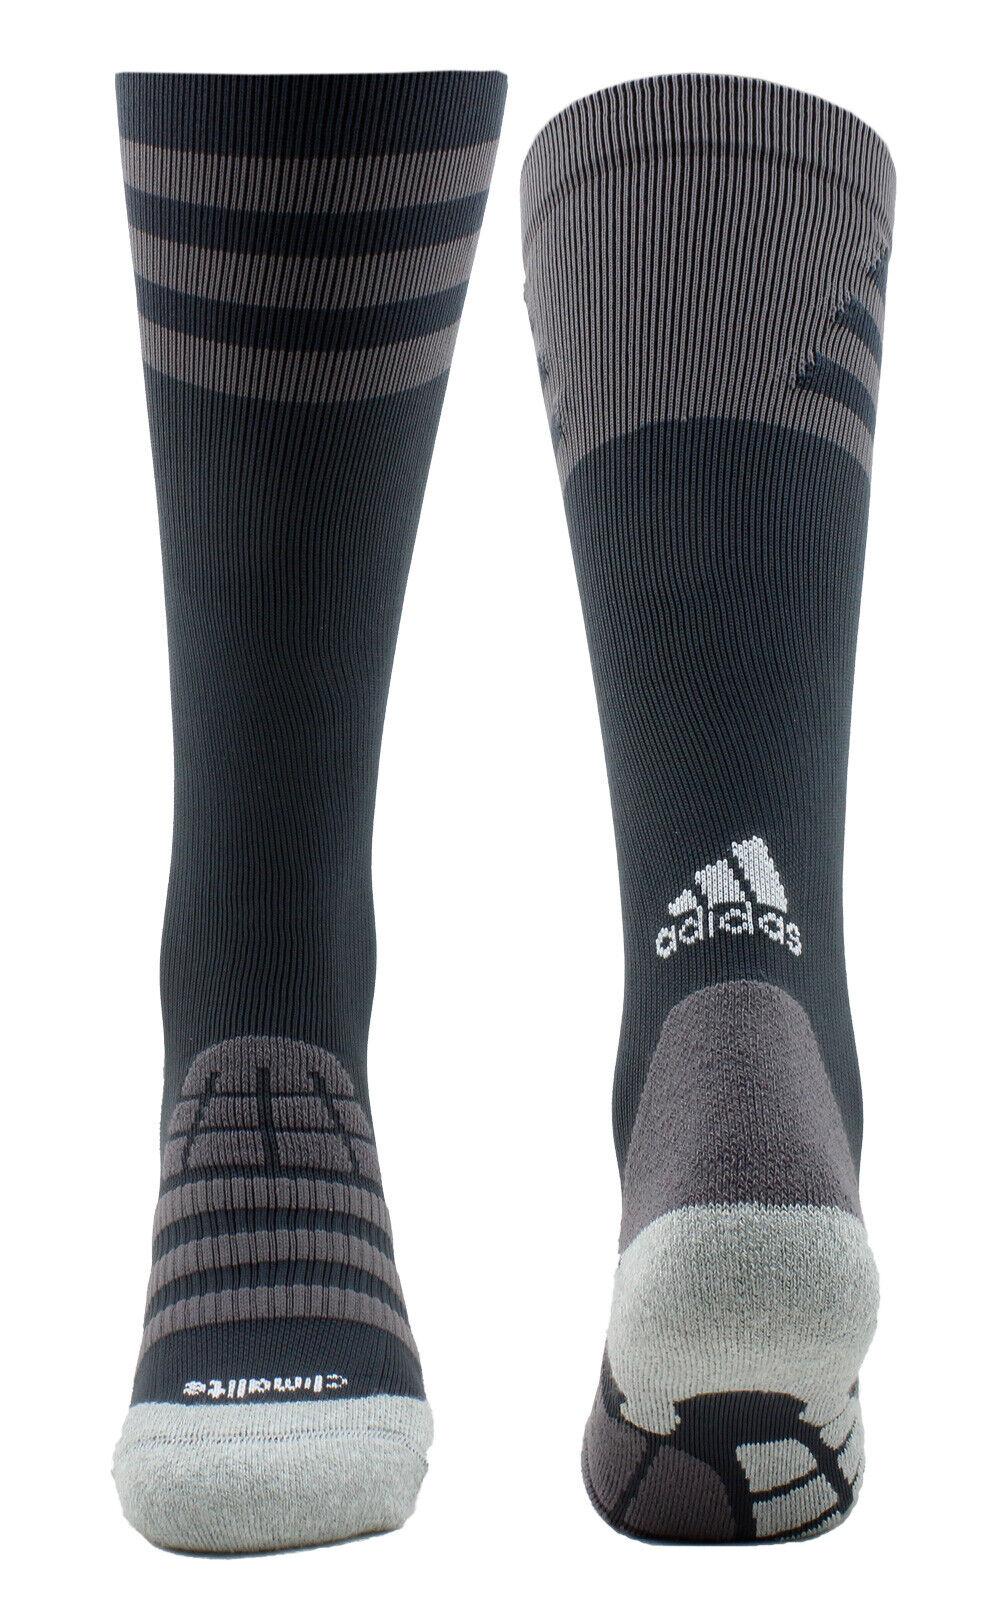 Adidas Fussball Strümpfe Test Vergleich +++ Adidas Fussball  liefert